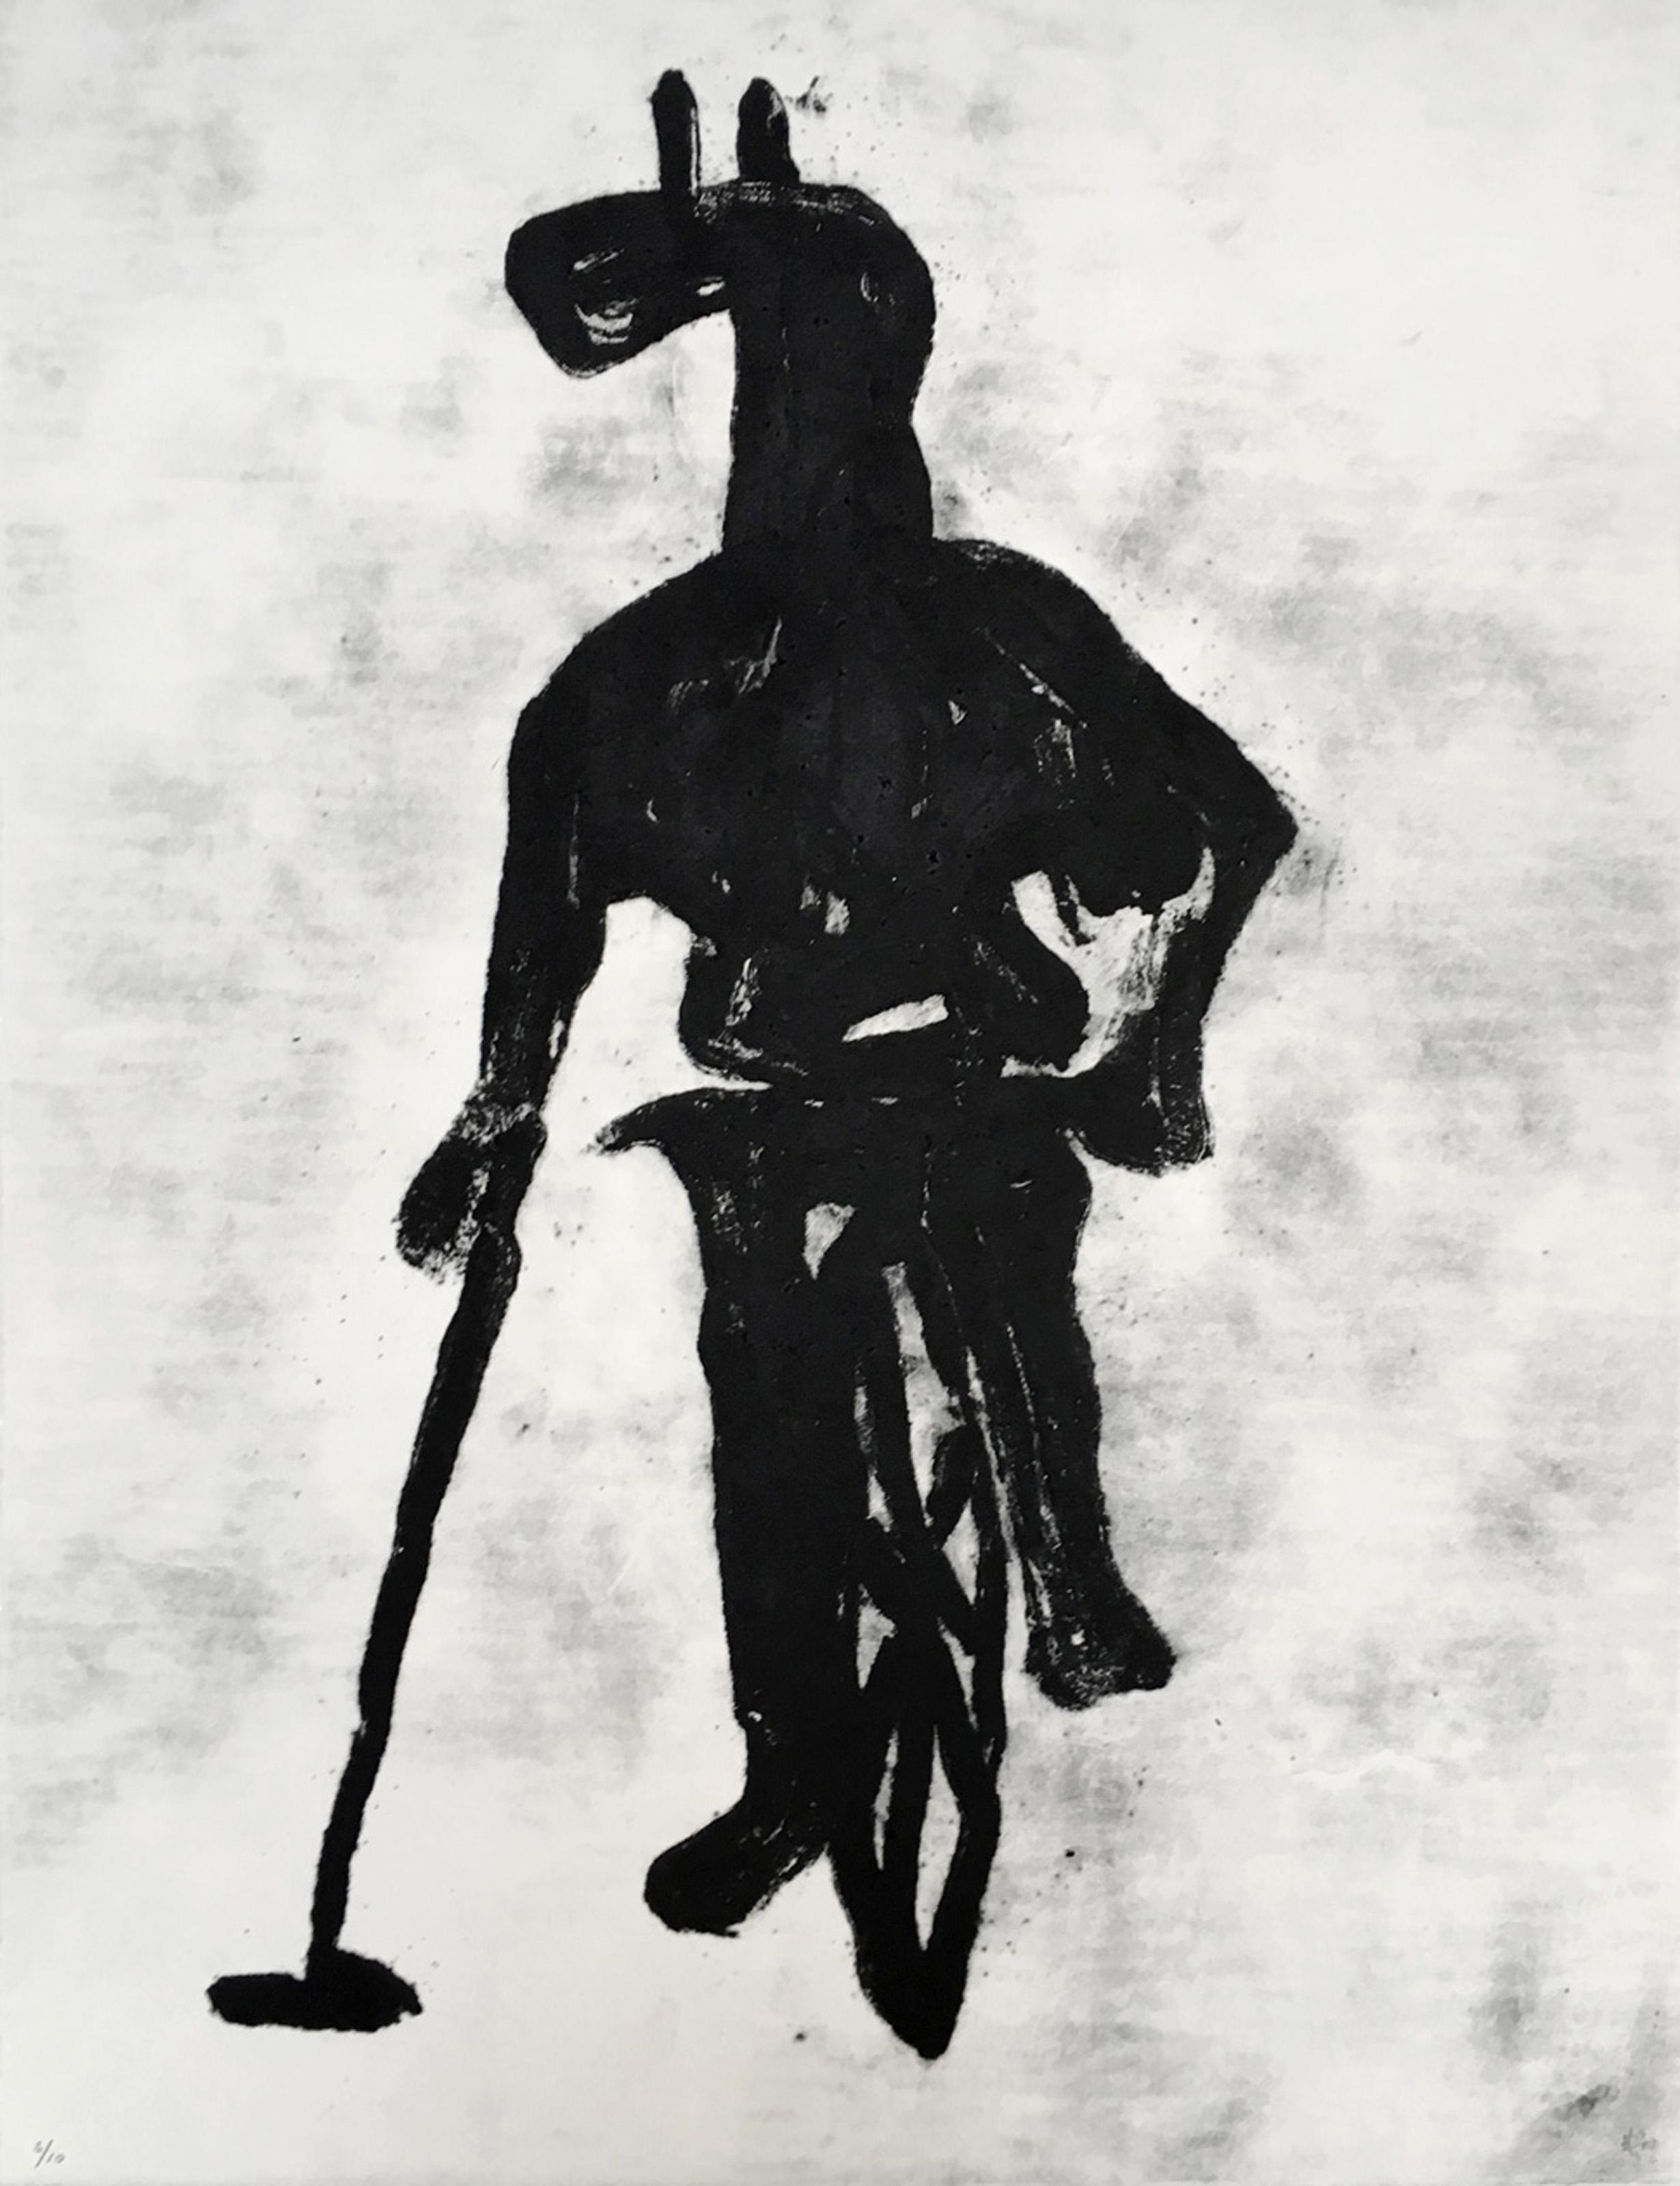 Grand Masquerade XIII (Ed. 6 of 10), 2009, 20 x 26 in., Carborundum